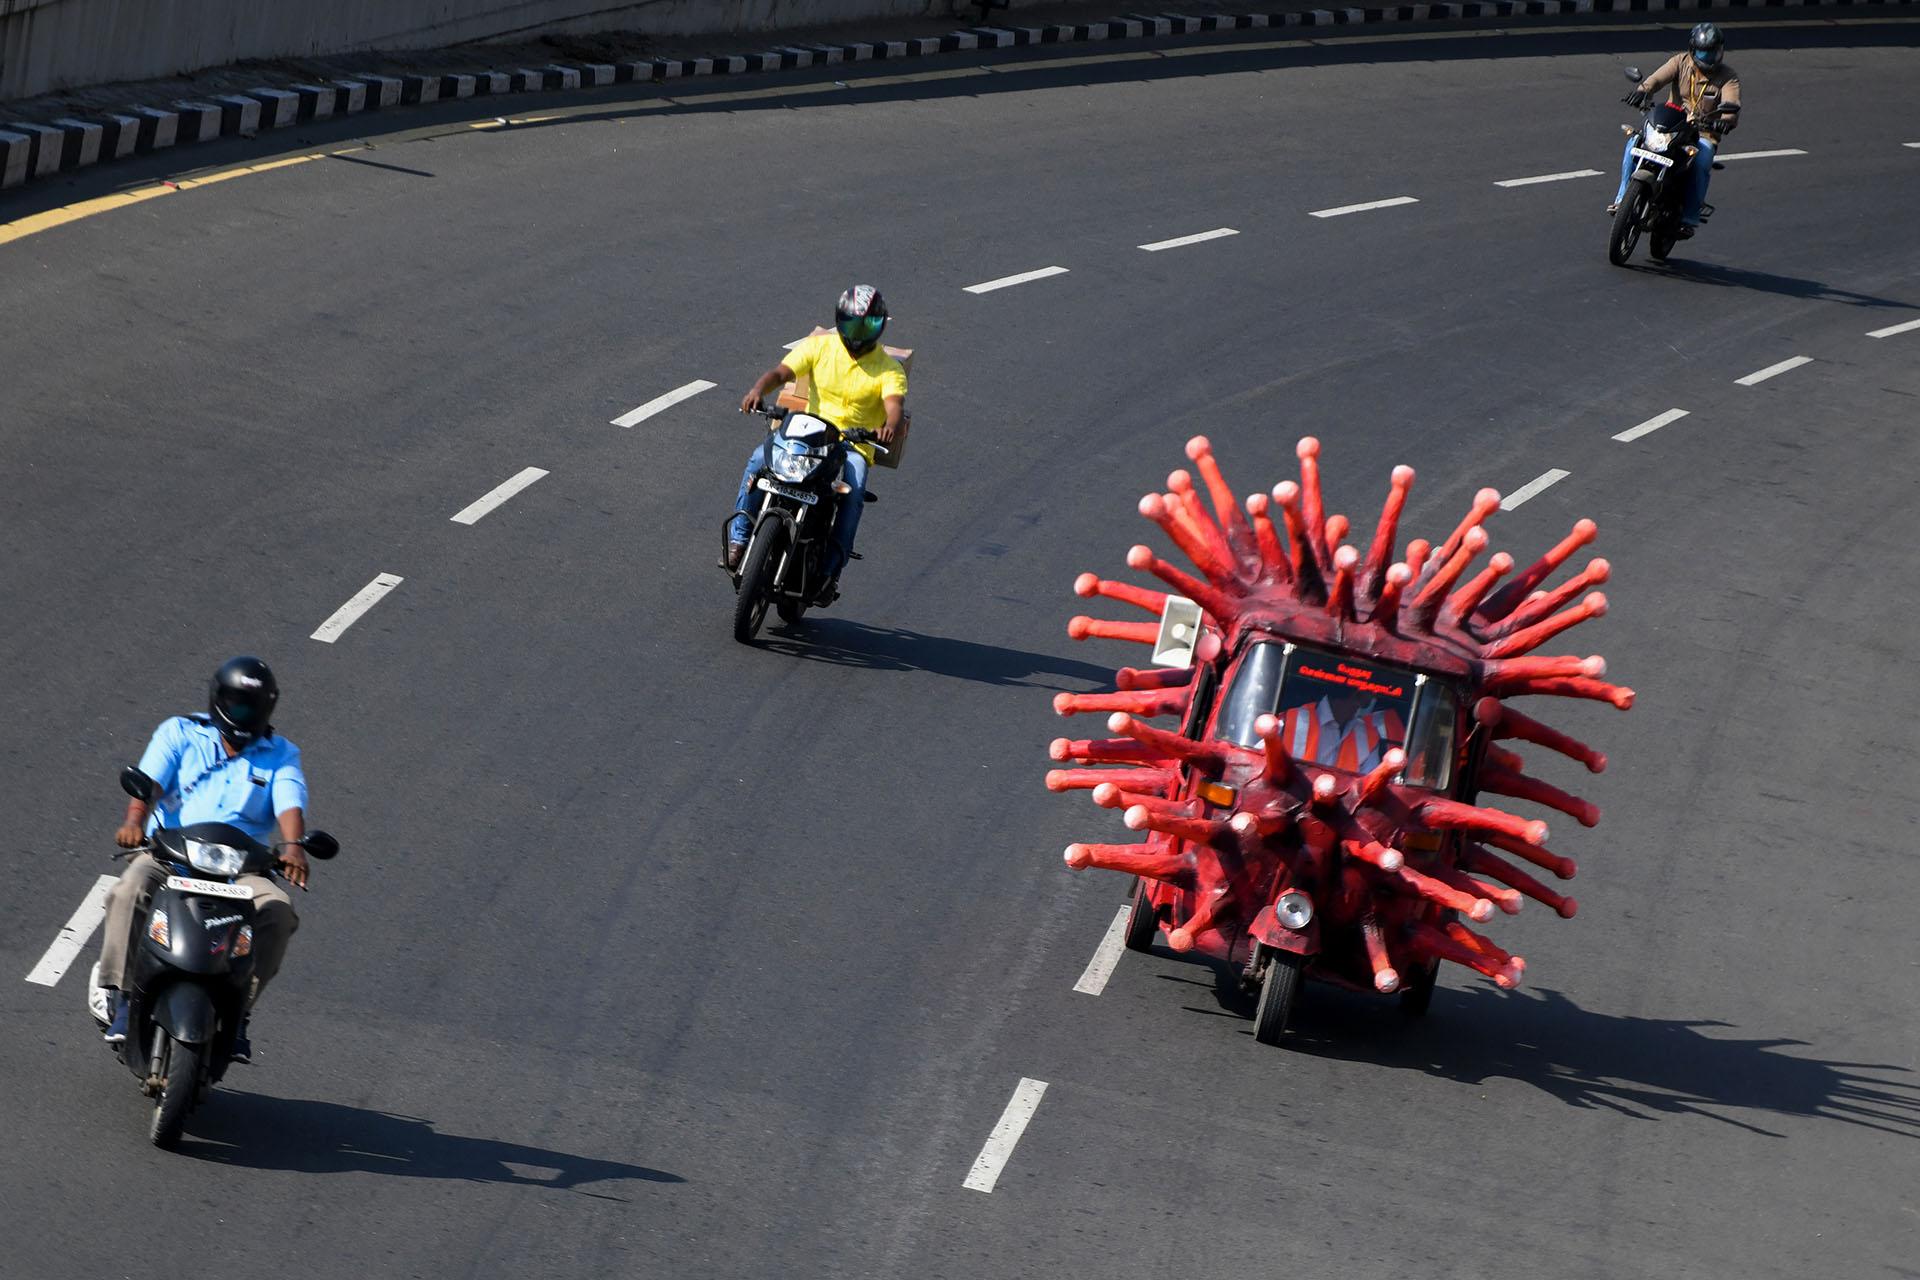 Un trabajador municipal de la salud conduce un auto-rickshaw decorado como una imagen de coronavirus a lo largo de una carretera para concienciar sobre el coronavirus COVID-19 en Chennai el 23 de abril de 2020. (Foto de Arun SANKAR / AFP)